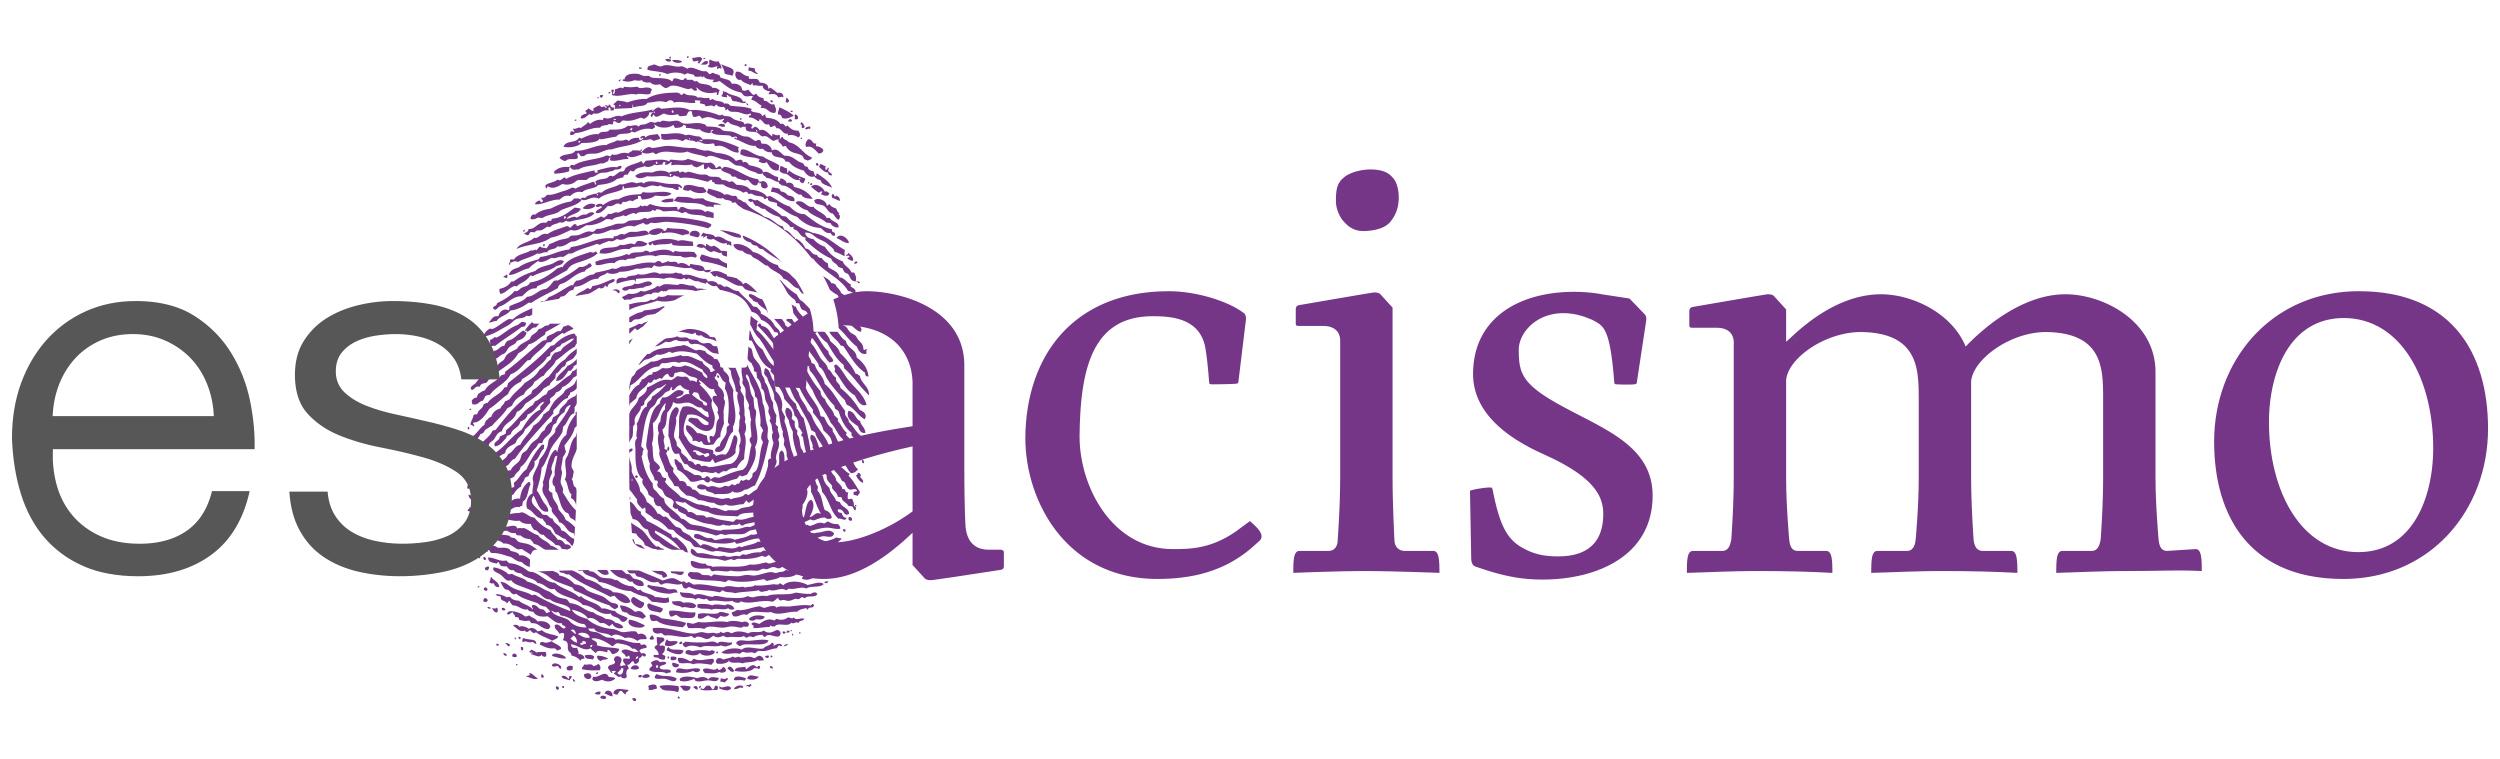 Es Racismo